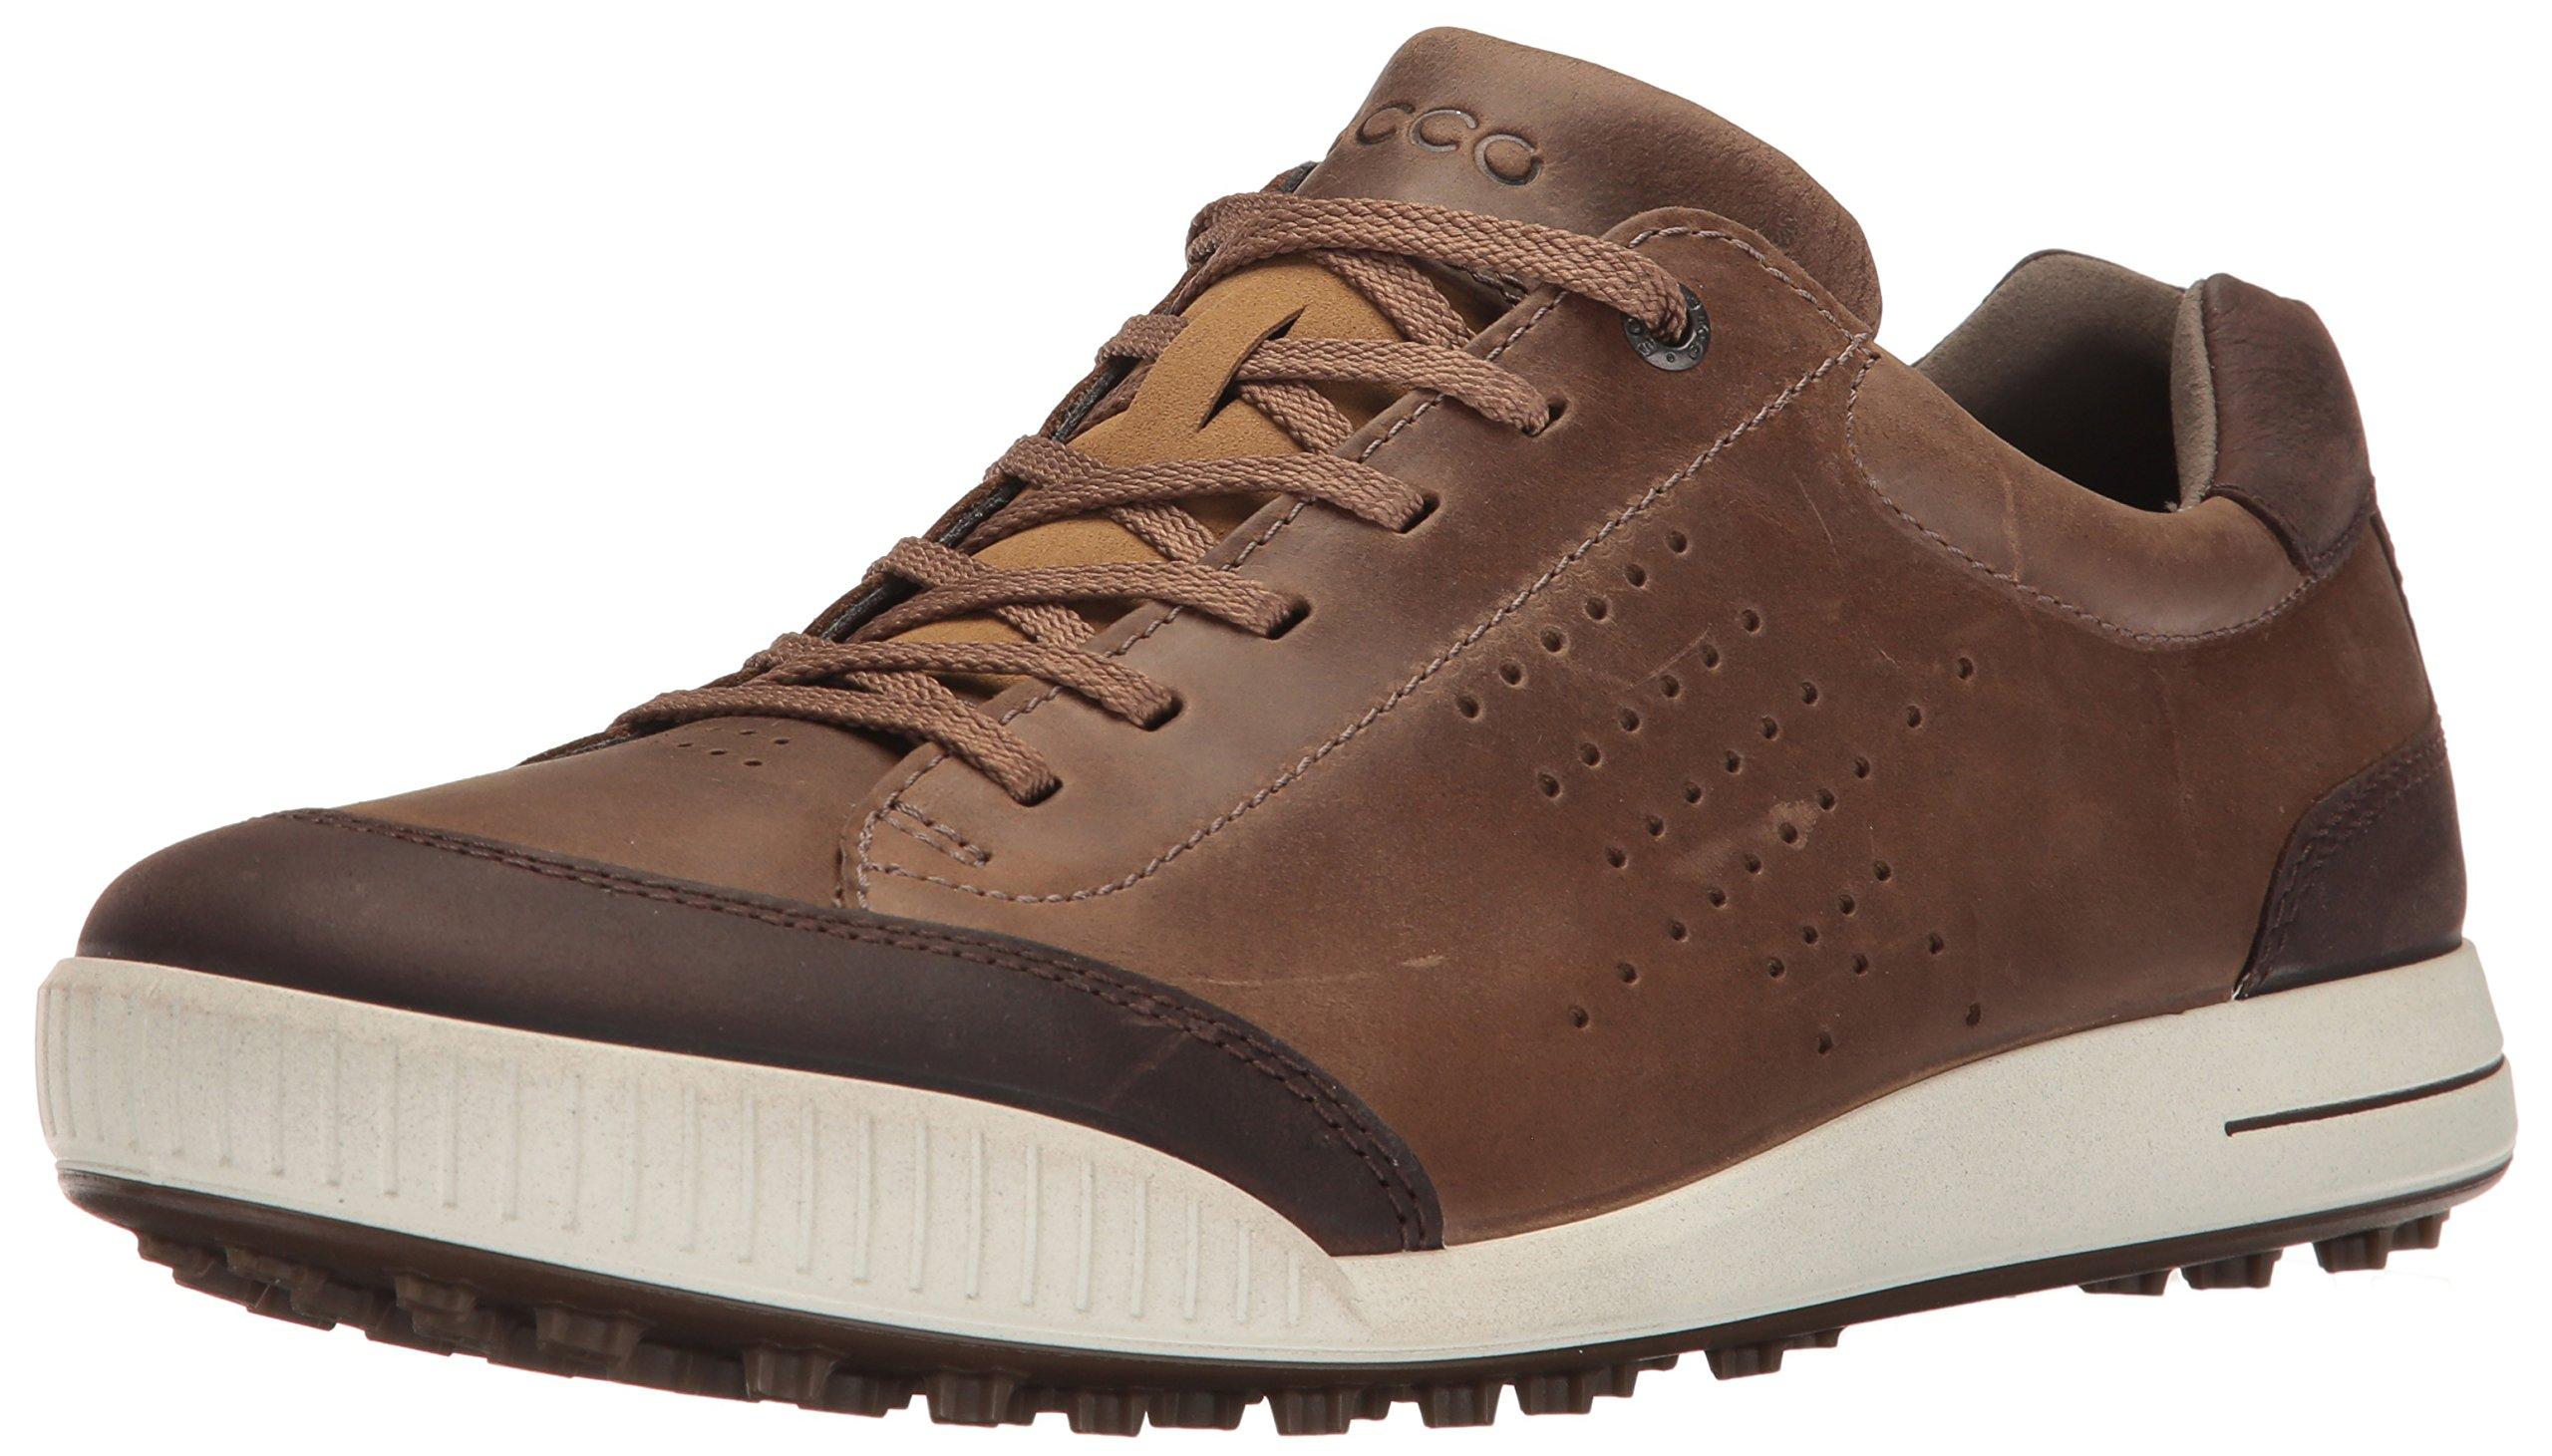 dacba5625411 Buy Ecco Golf 2014 Unisex Golf Shoe Bag Travel Zipped Shoe Tot in ...